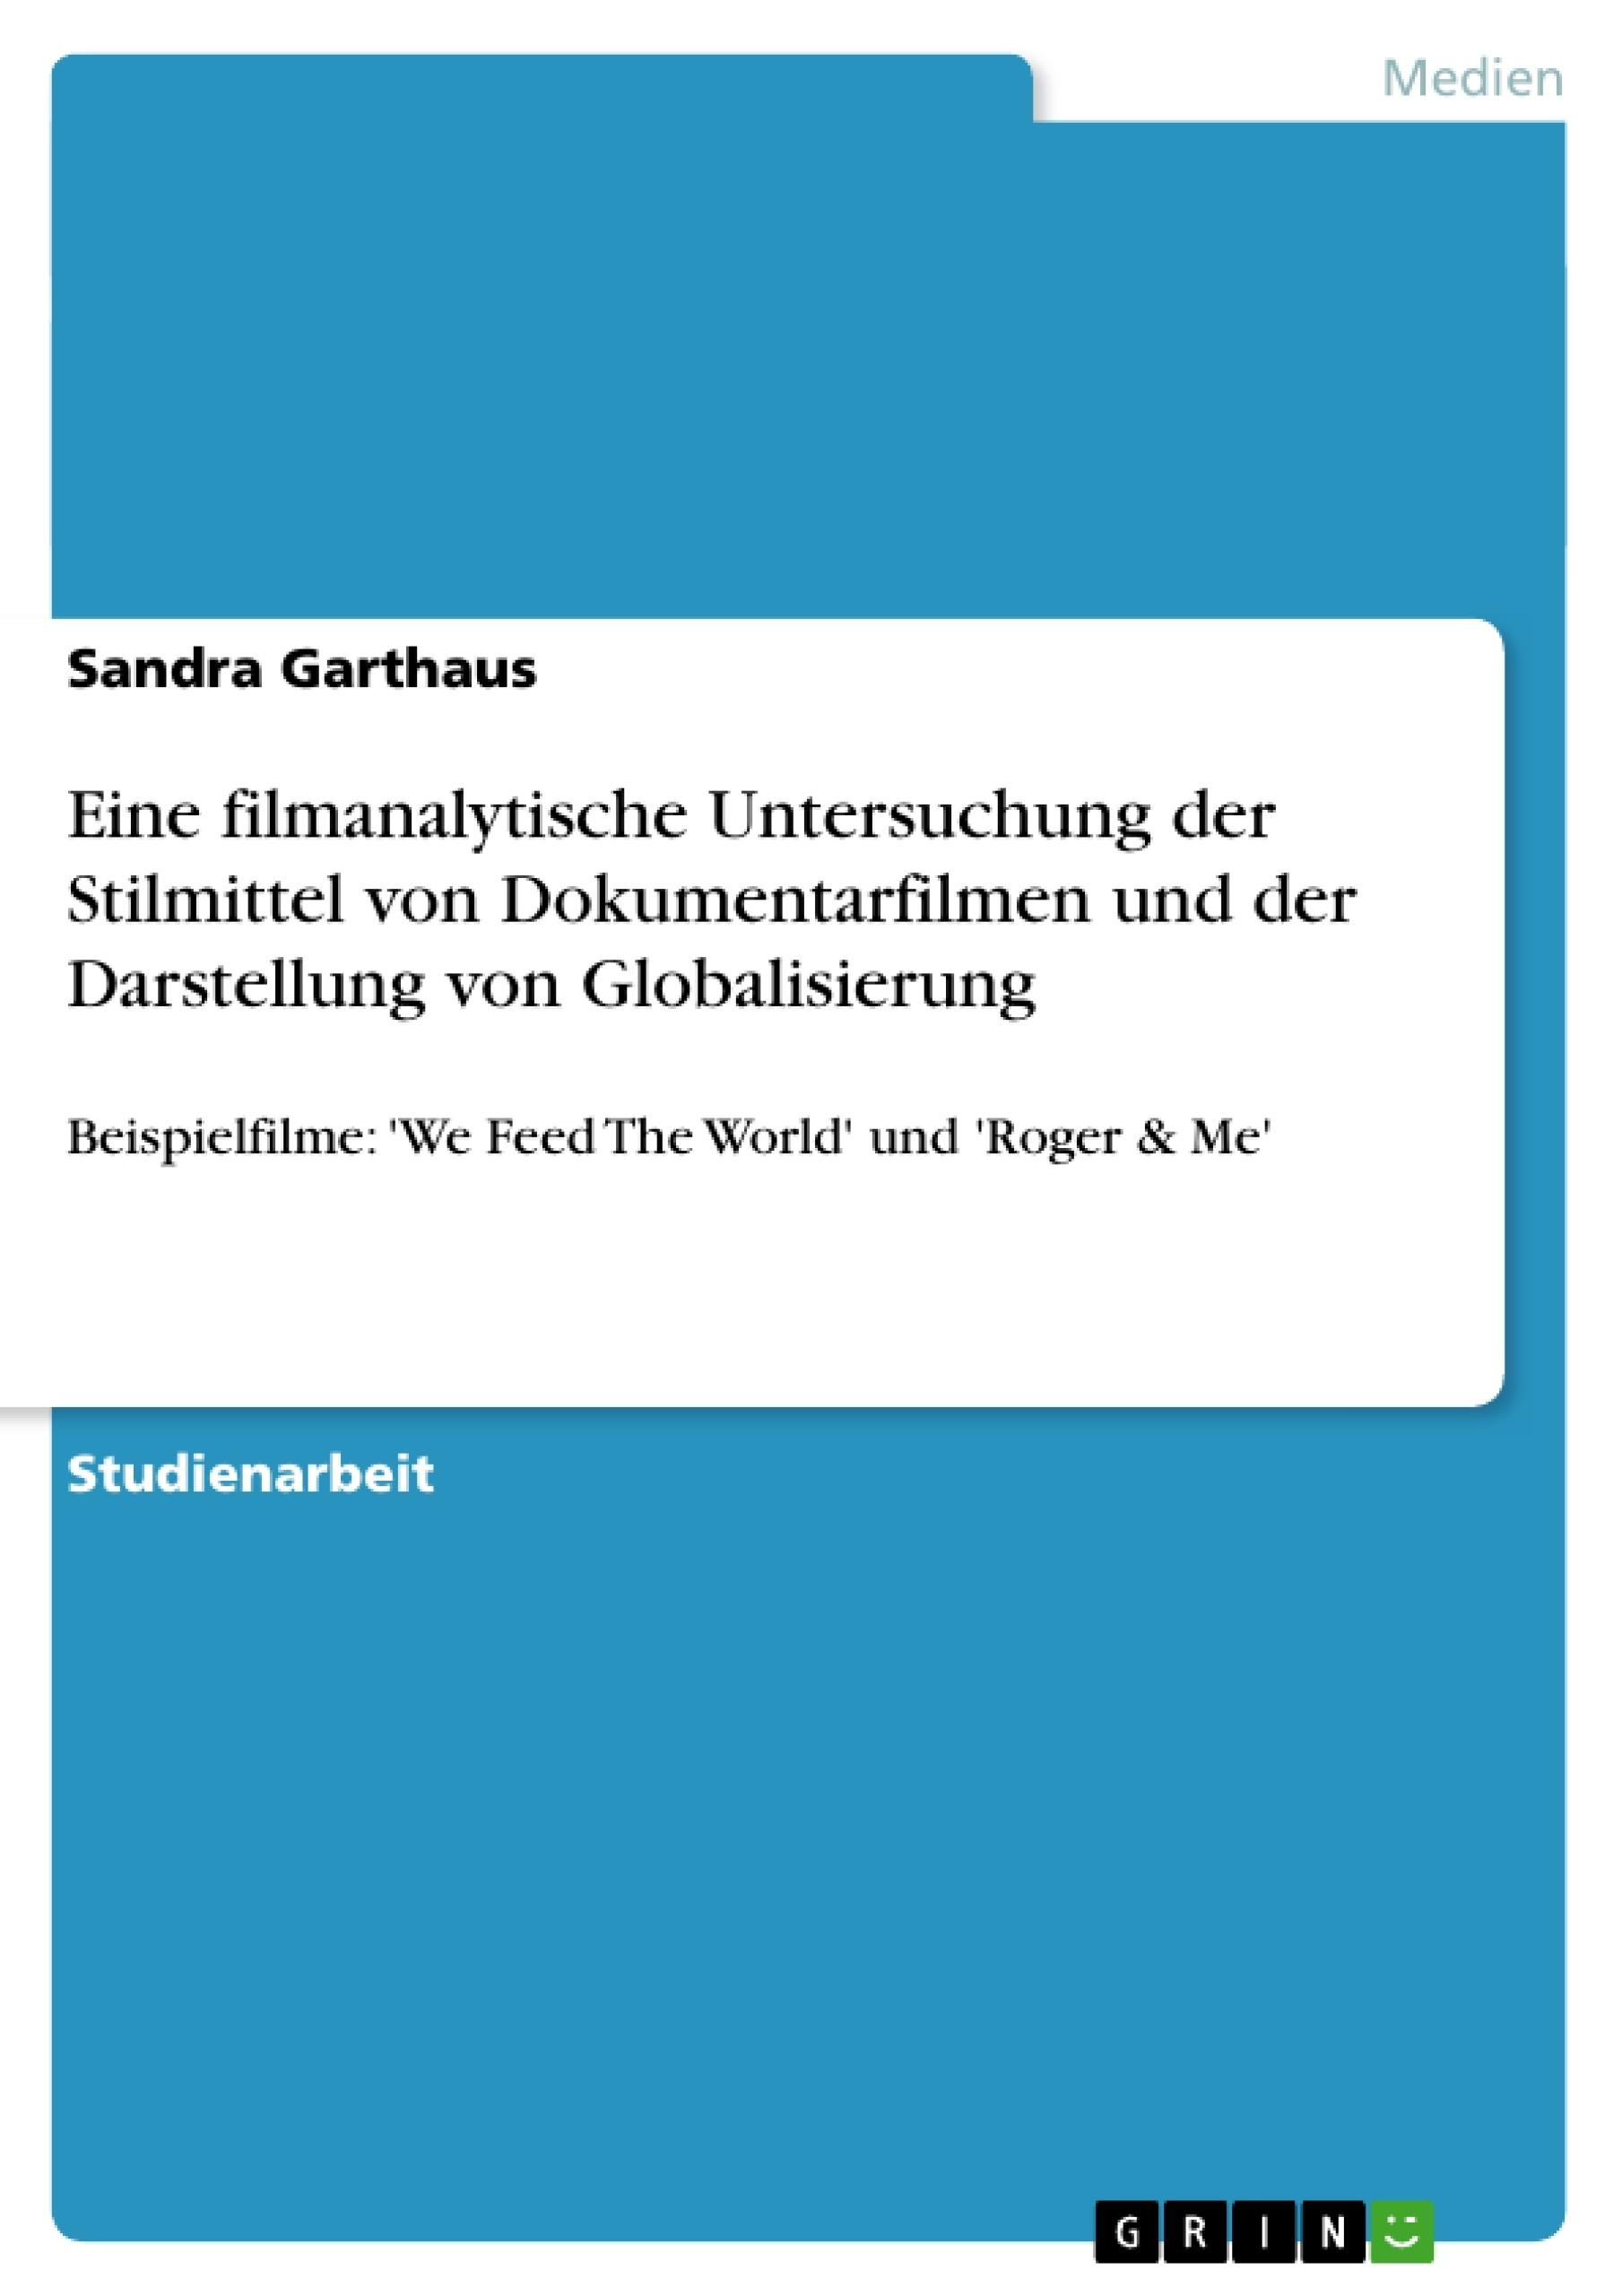 Titel: Eine filmanalytische Untersuchung der Stilmittel von Dokumentarfilmen und der Darstellung von Globalisierung